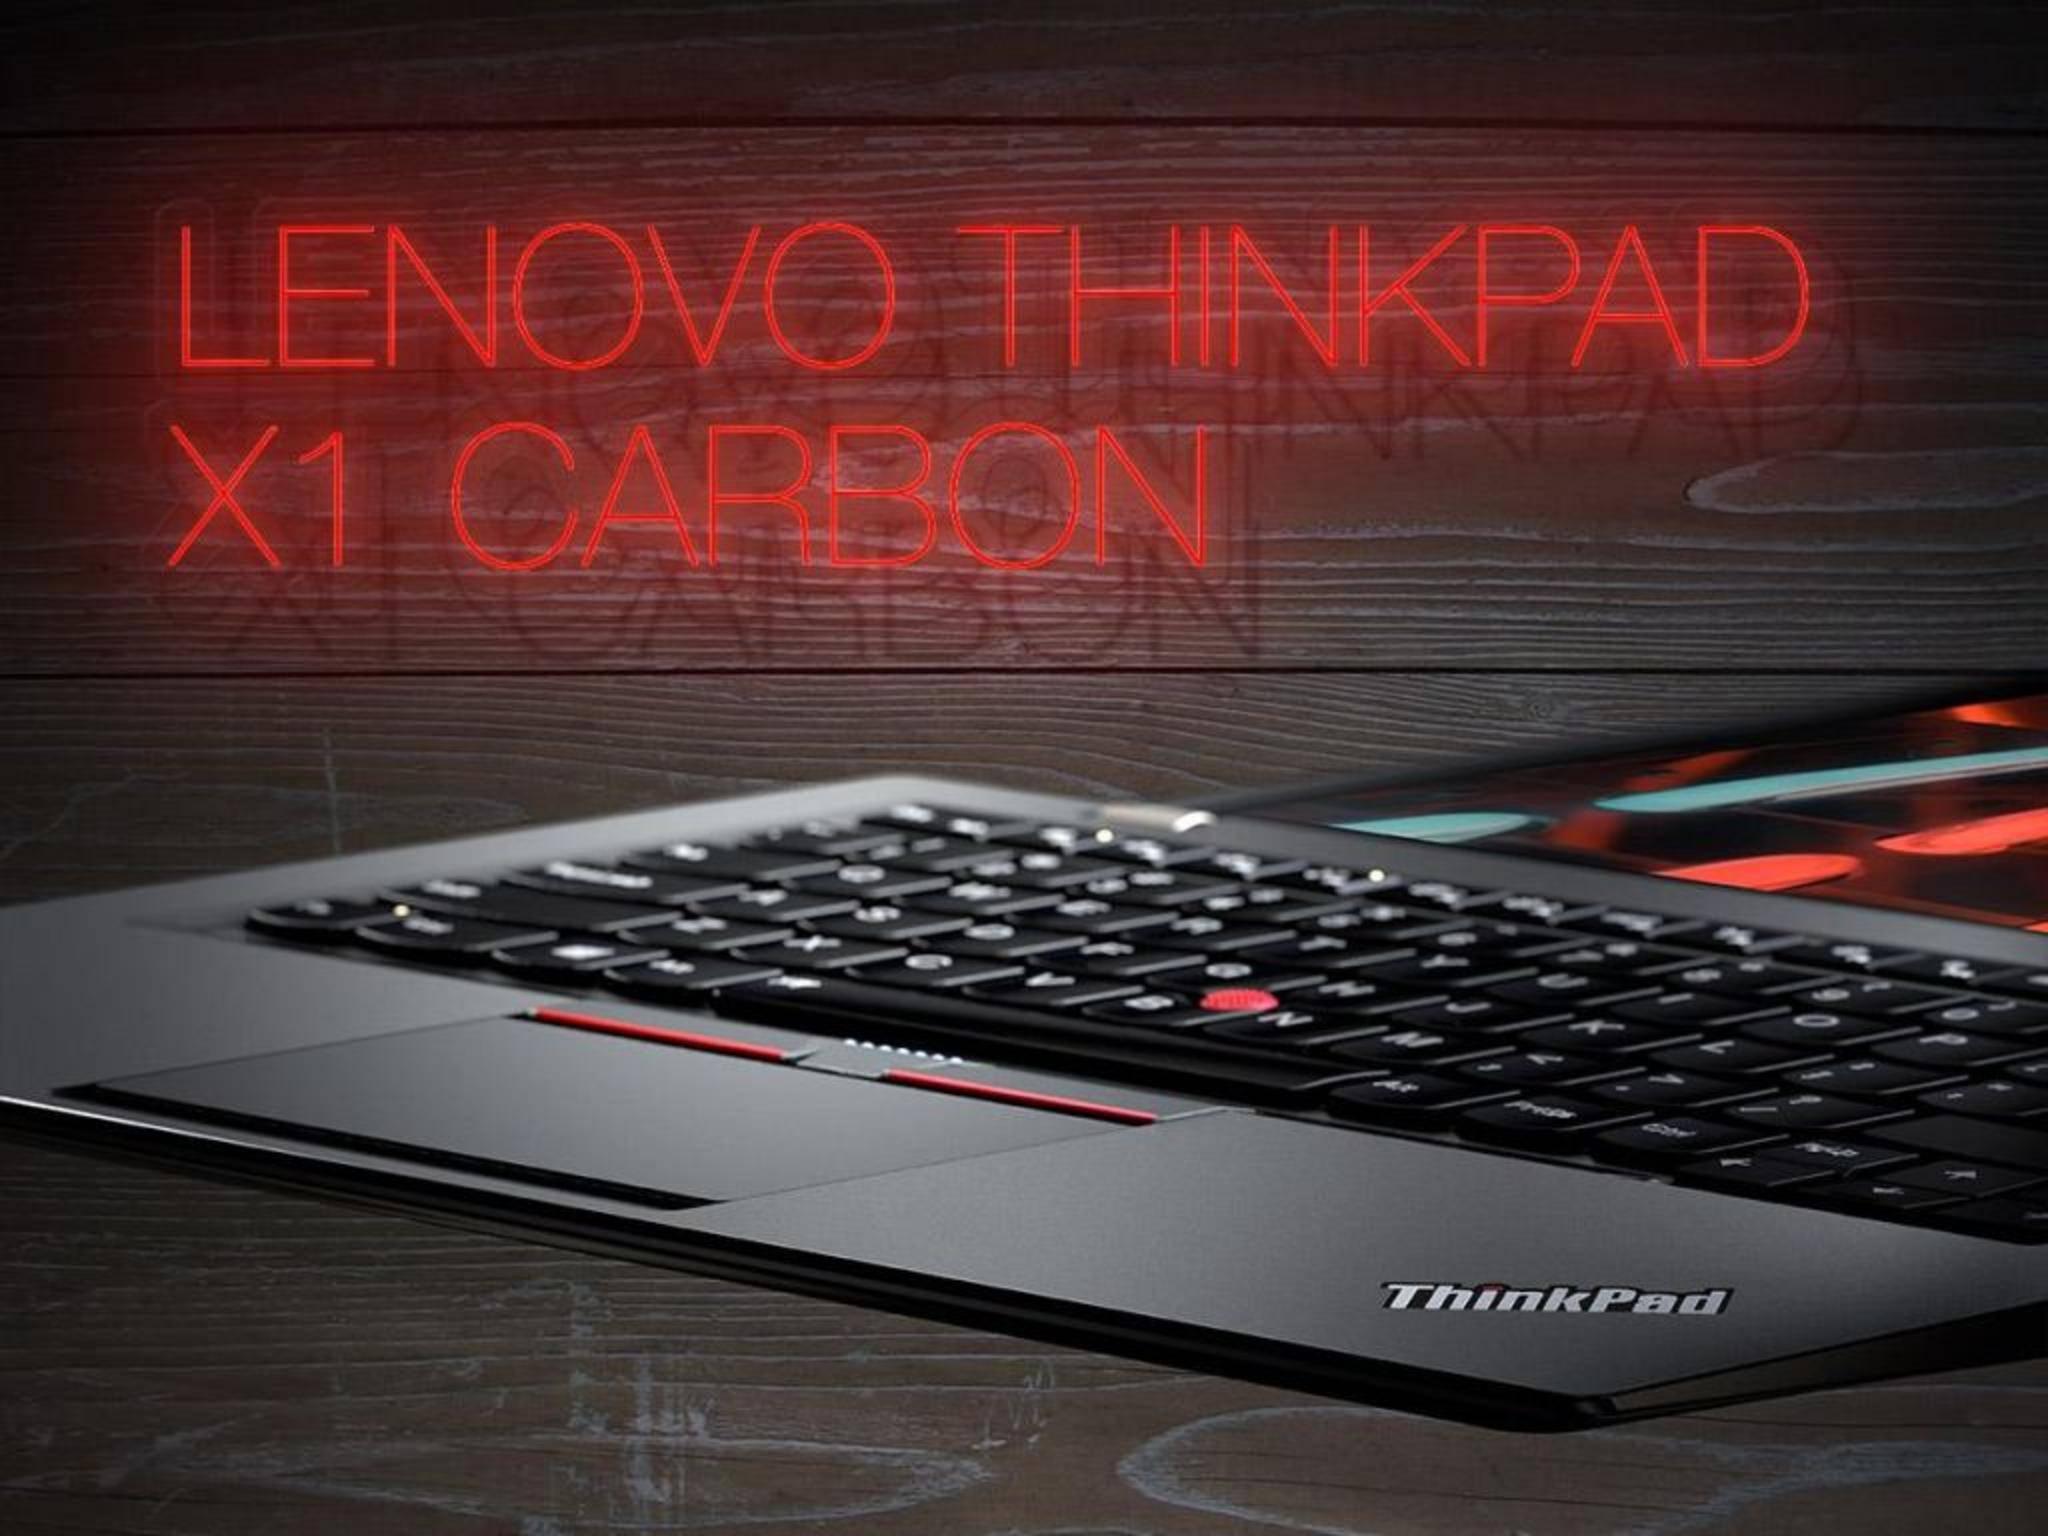 Leicht, stark, schick: Lenovo bringt ein Update des ThinkPad X1 Carbon auf den Markt.